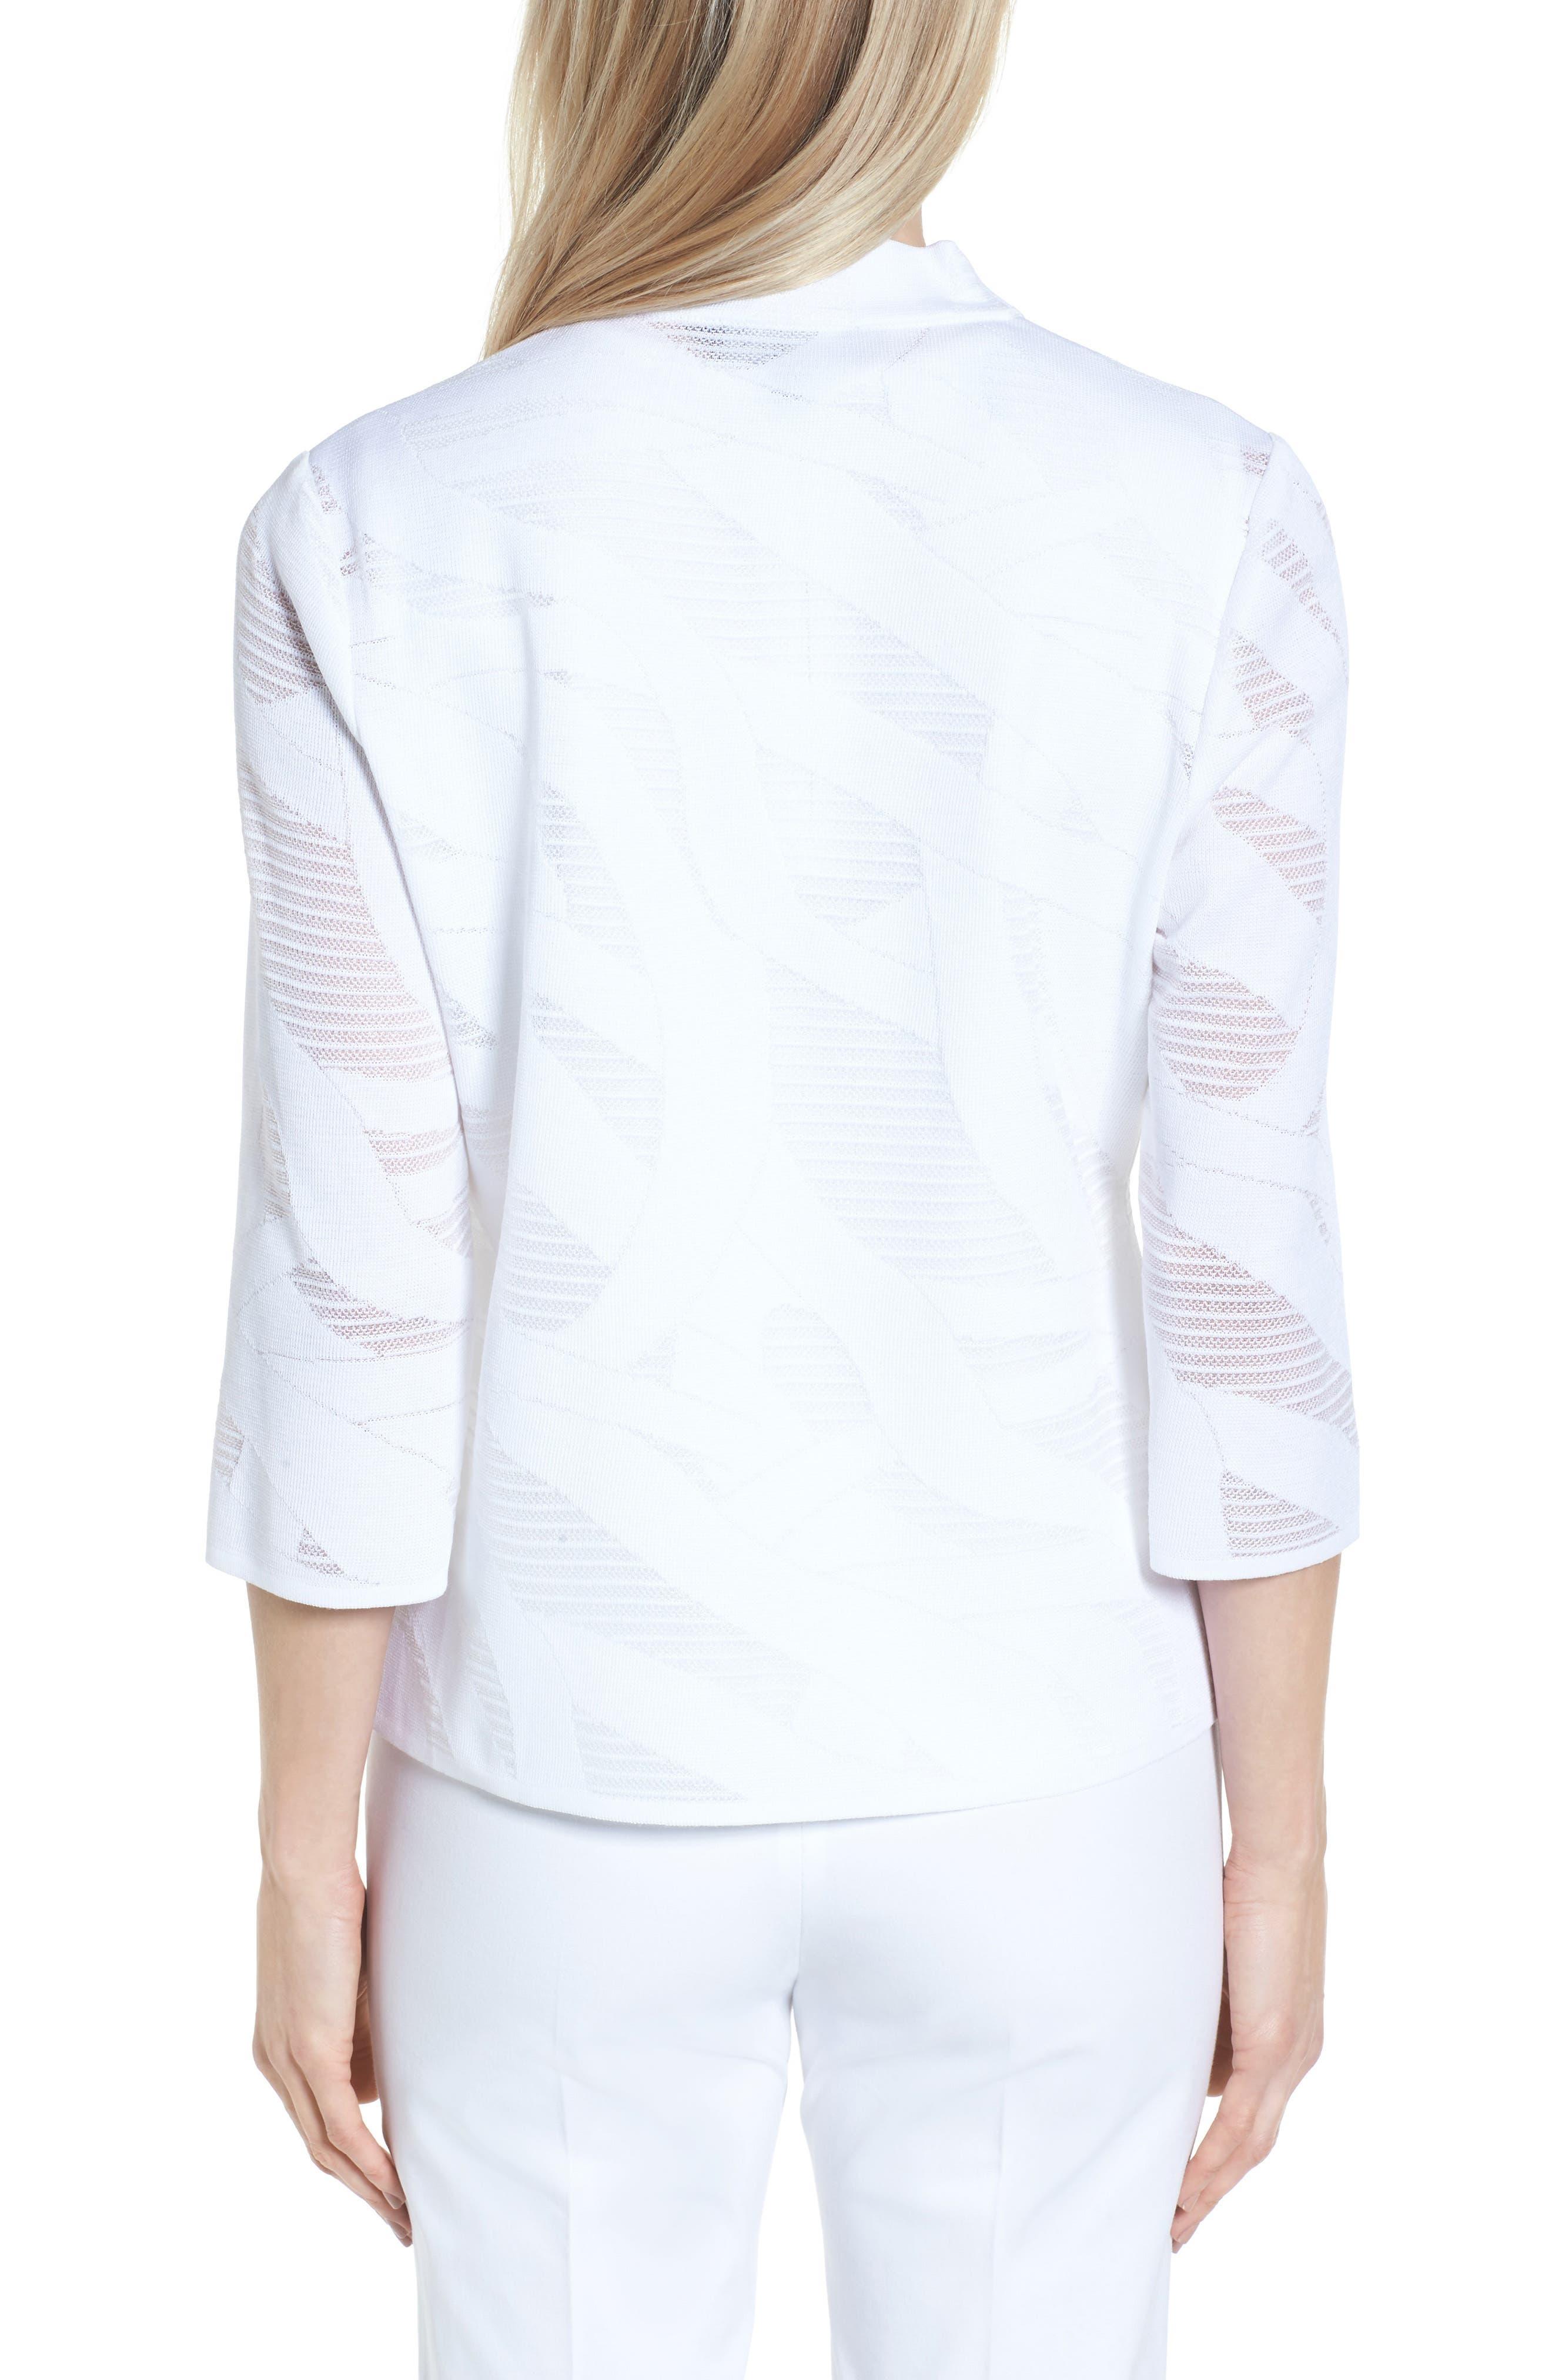 Mesh Inset Jacquard Jacket,                             Alternate thumbnail 2, color,                             White